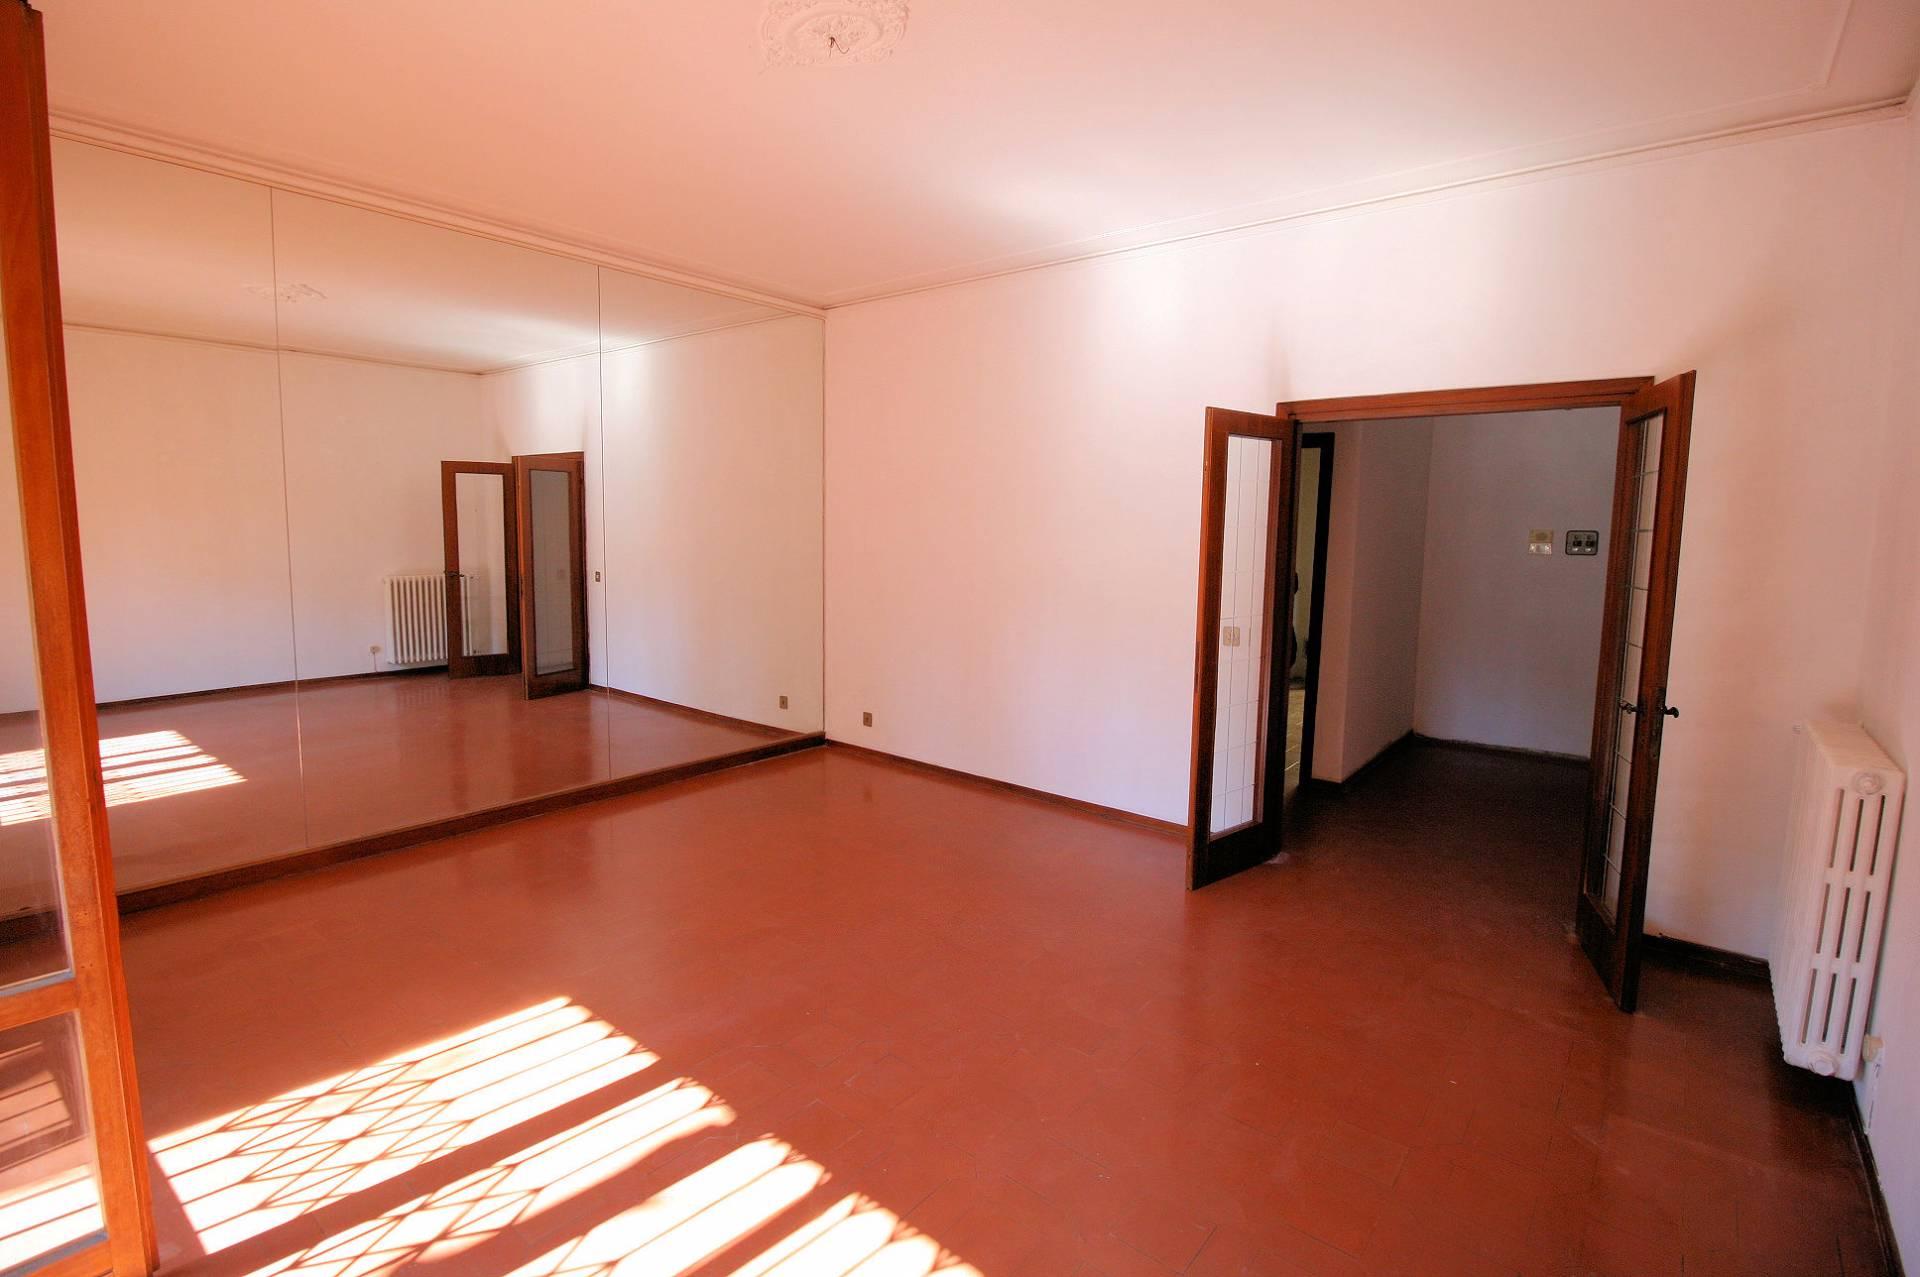 Appartamento in vendita a Montecatini-Terme, 5 locali, prezzo € 189.000 | CambioCasa.it